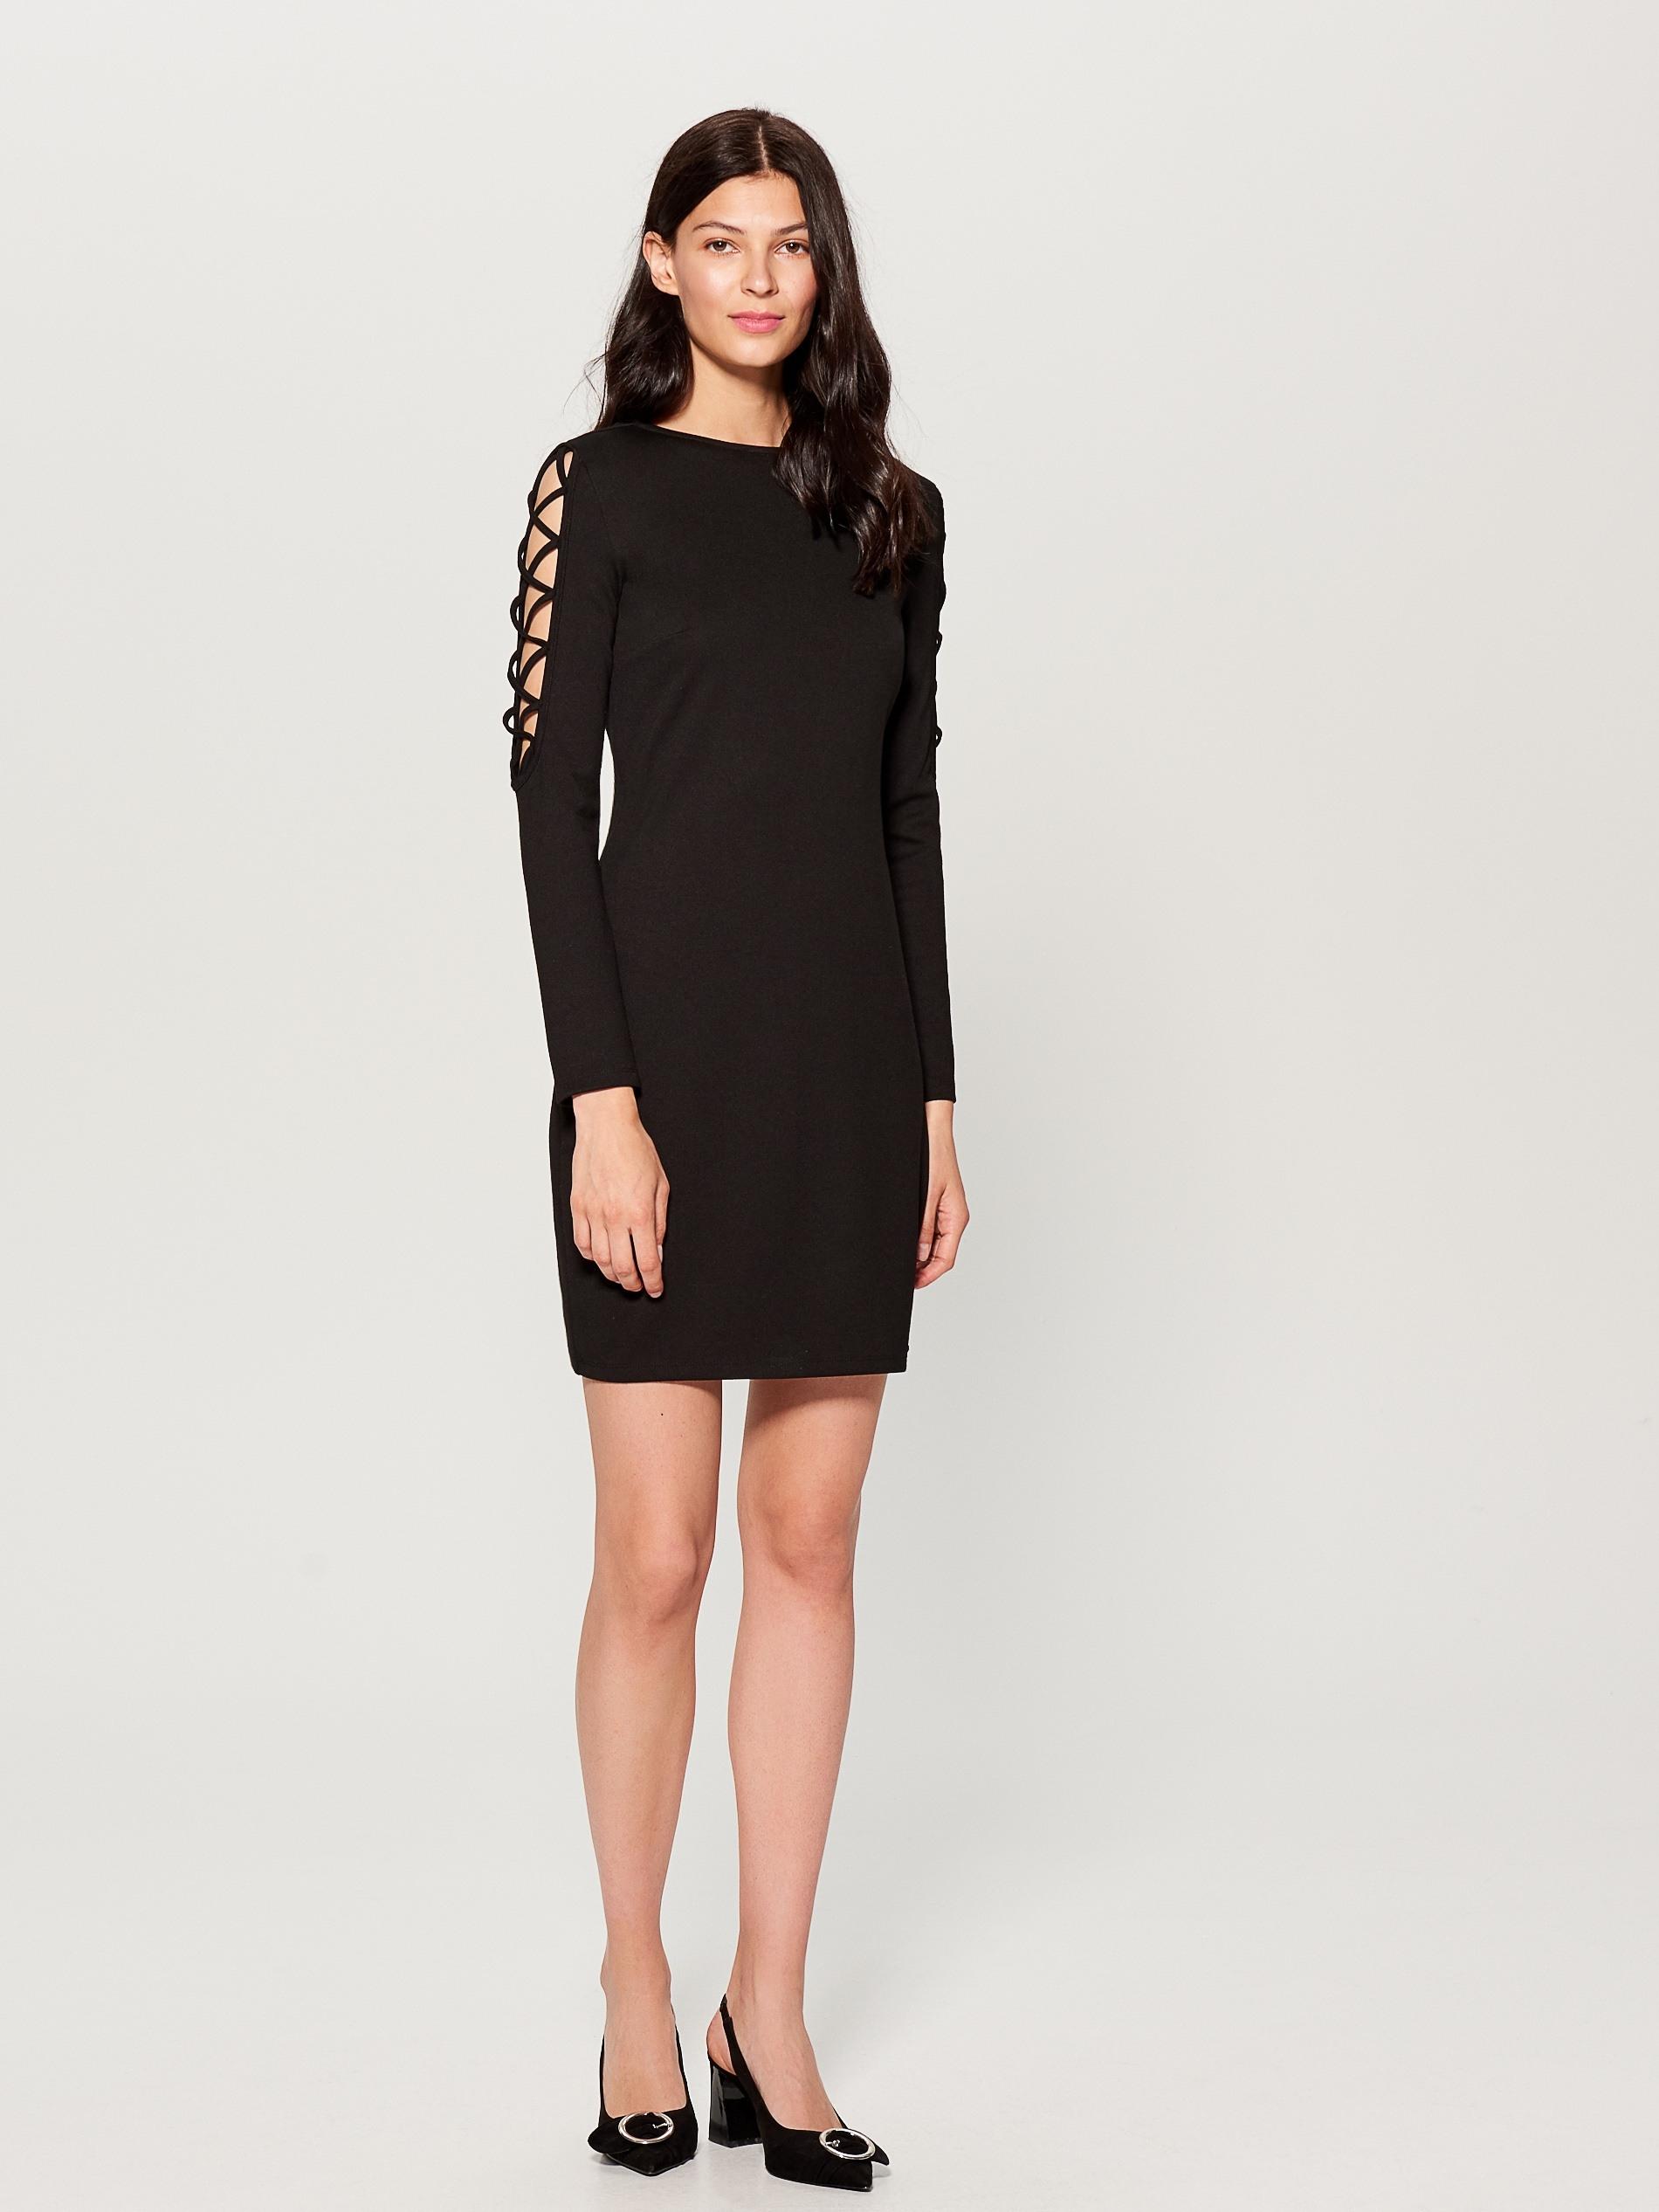 13 Cool Kleid Mit Cut Outs SpezialgebietDesigner Schön Kleid Mit Cut Outs Bester Preis